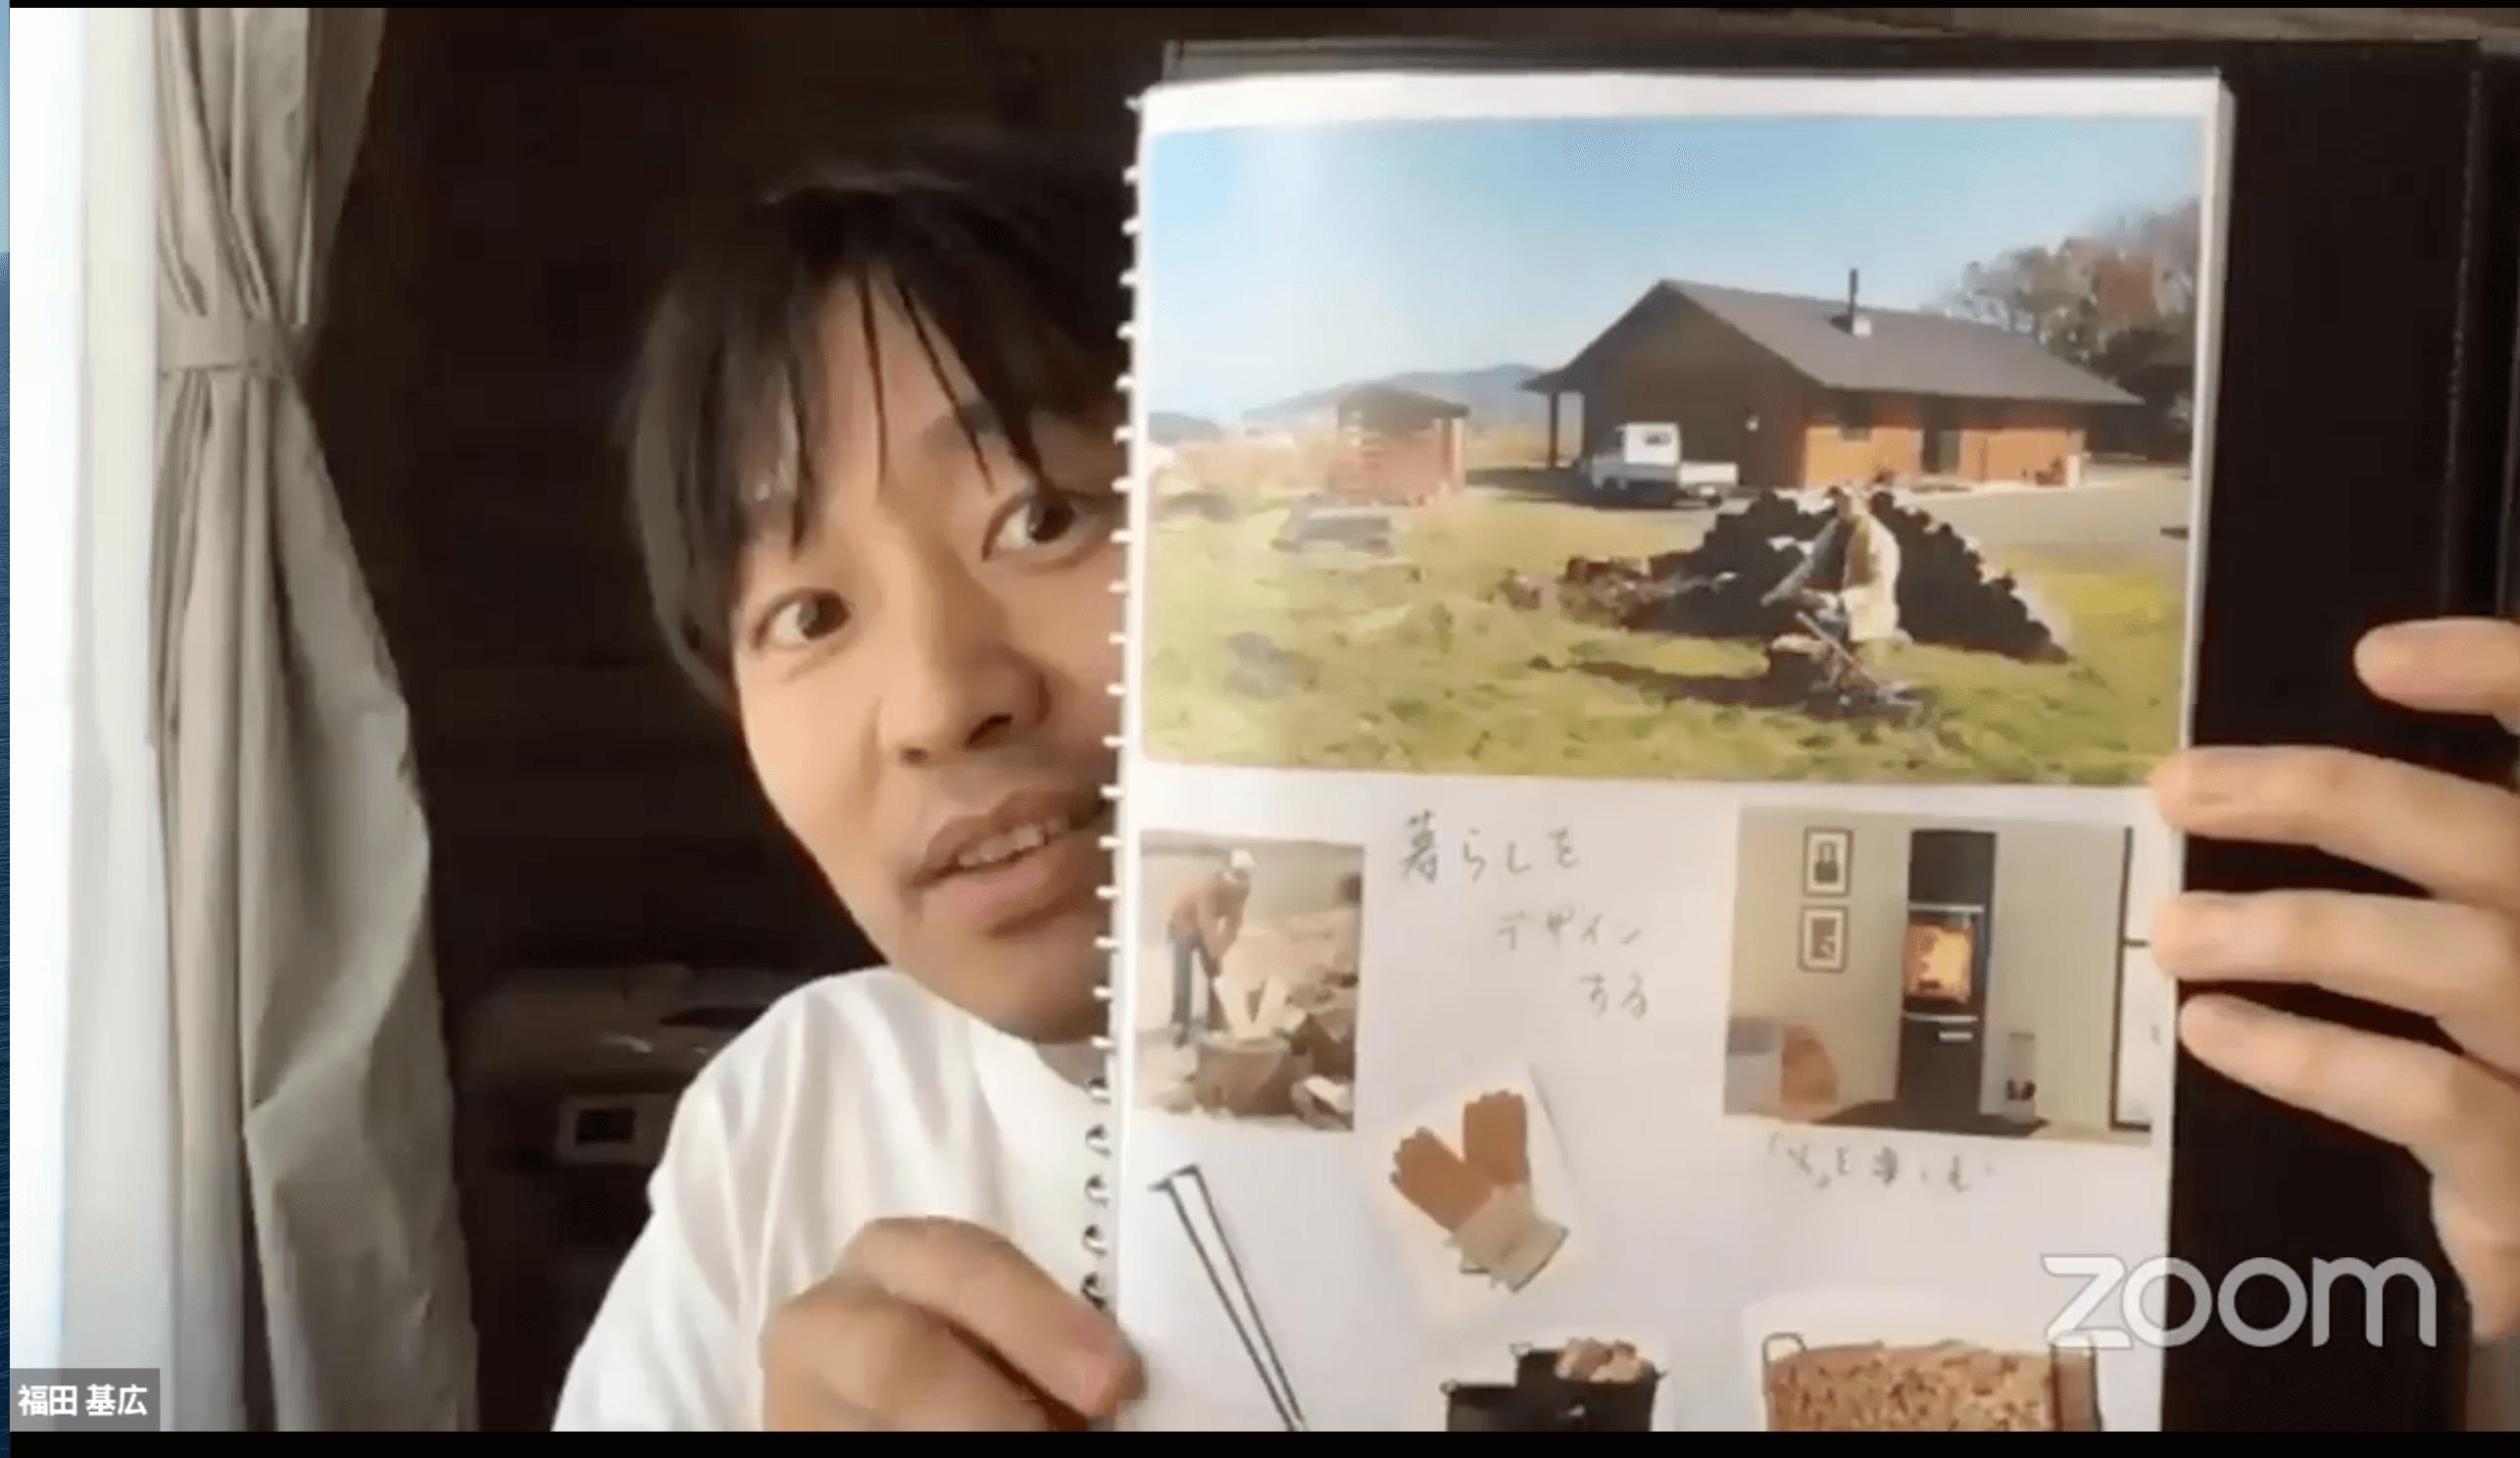 福田基広の夢マップ